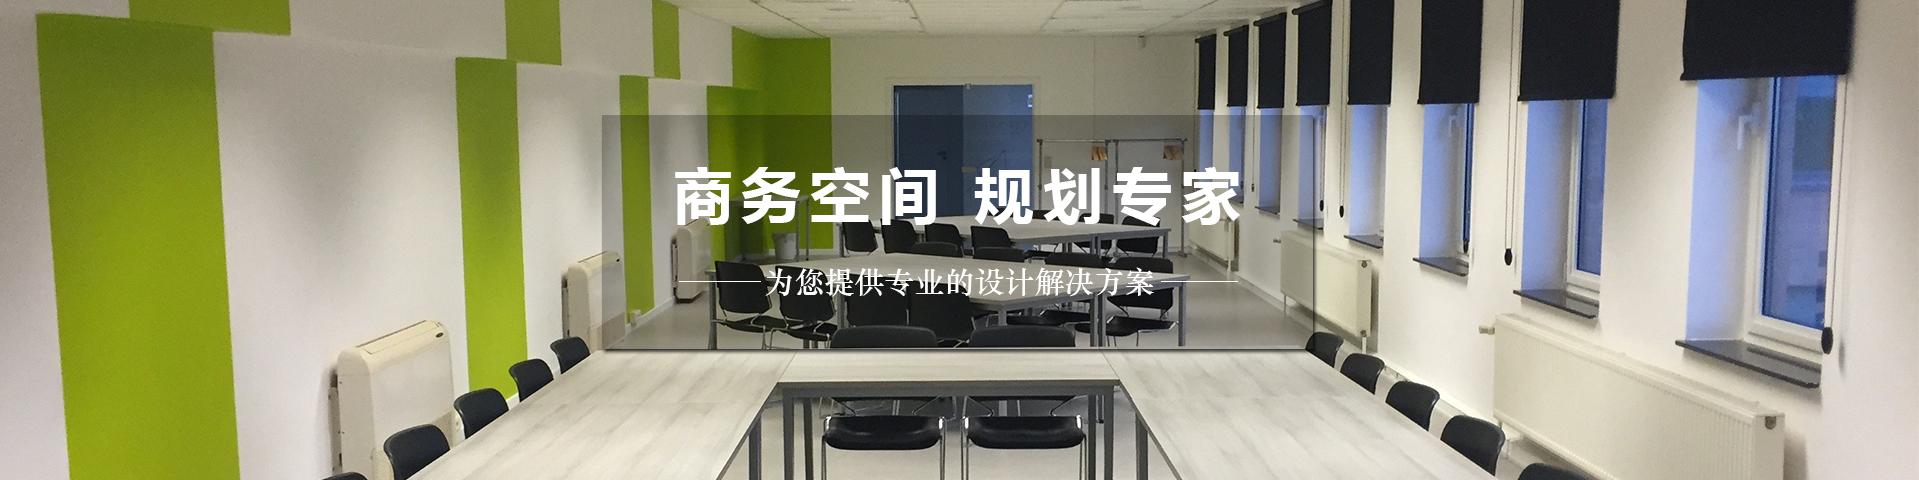 12博官网手机版下载屏风玻璃隔断